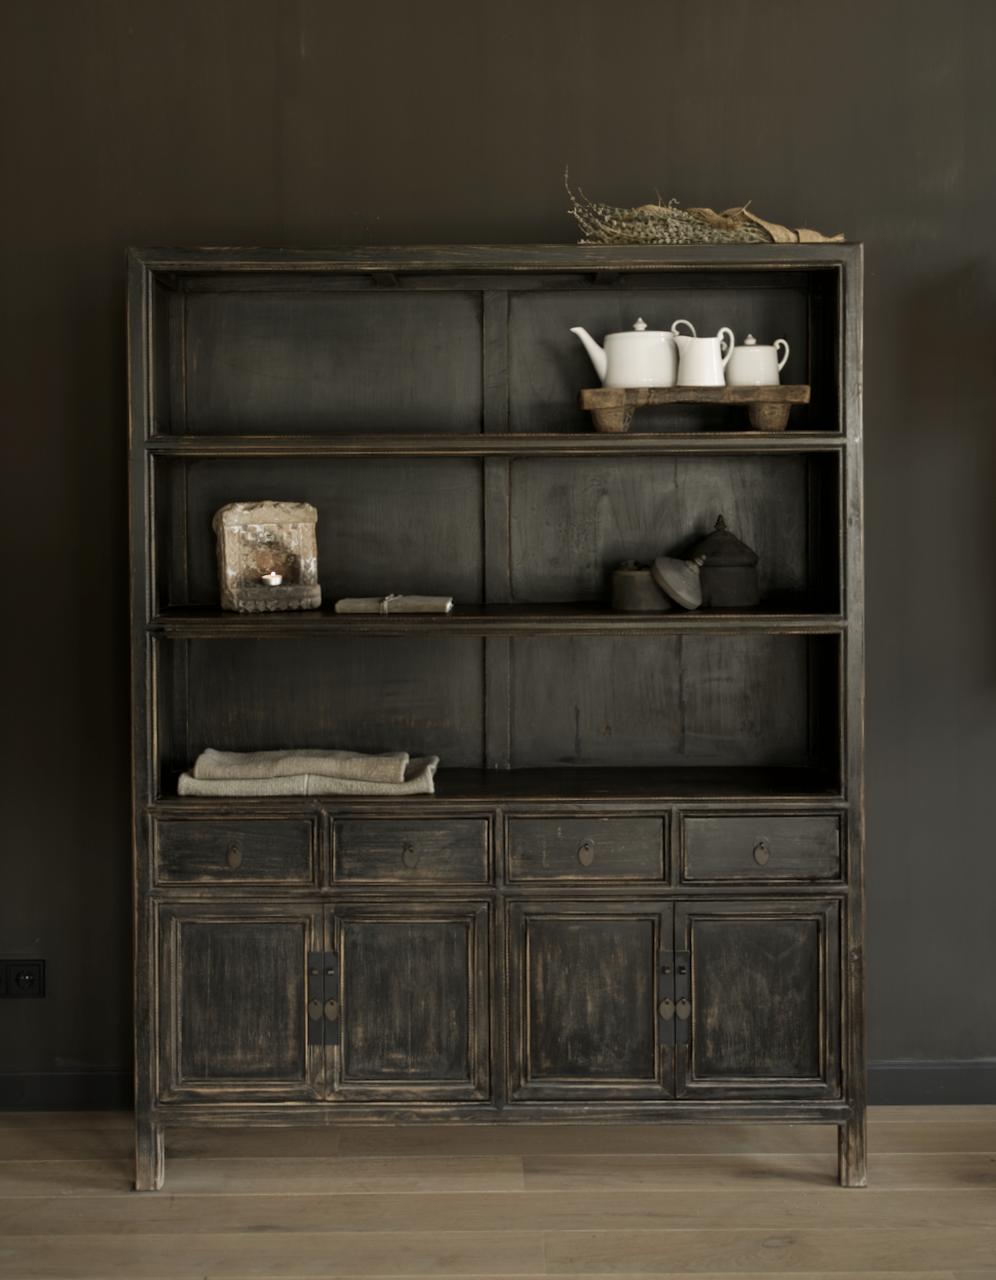 Einzigartiges schwarzes Vintage-Sideboard-1